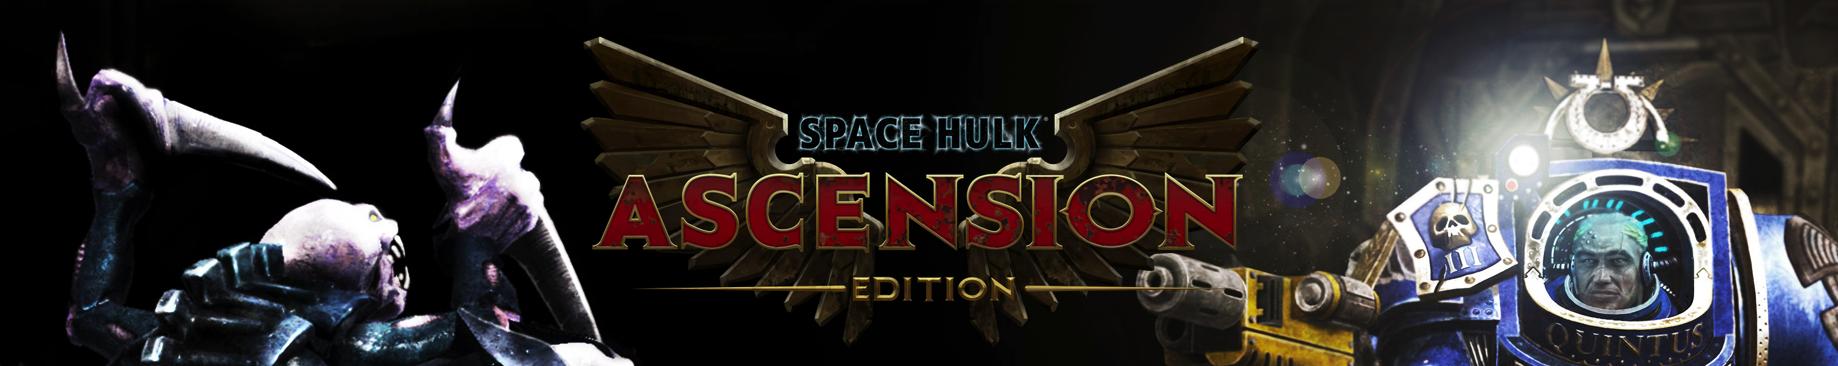 Space Hulk Ascension Edition - bannière